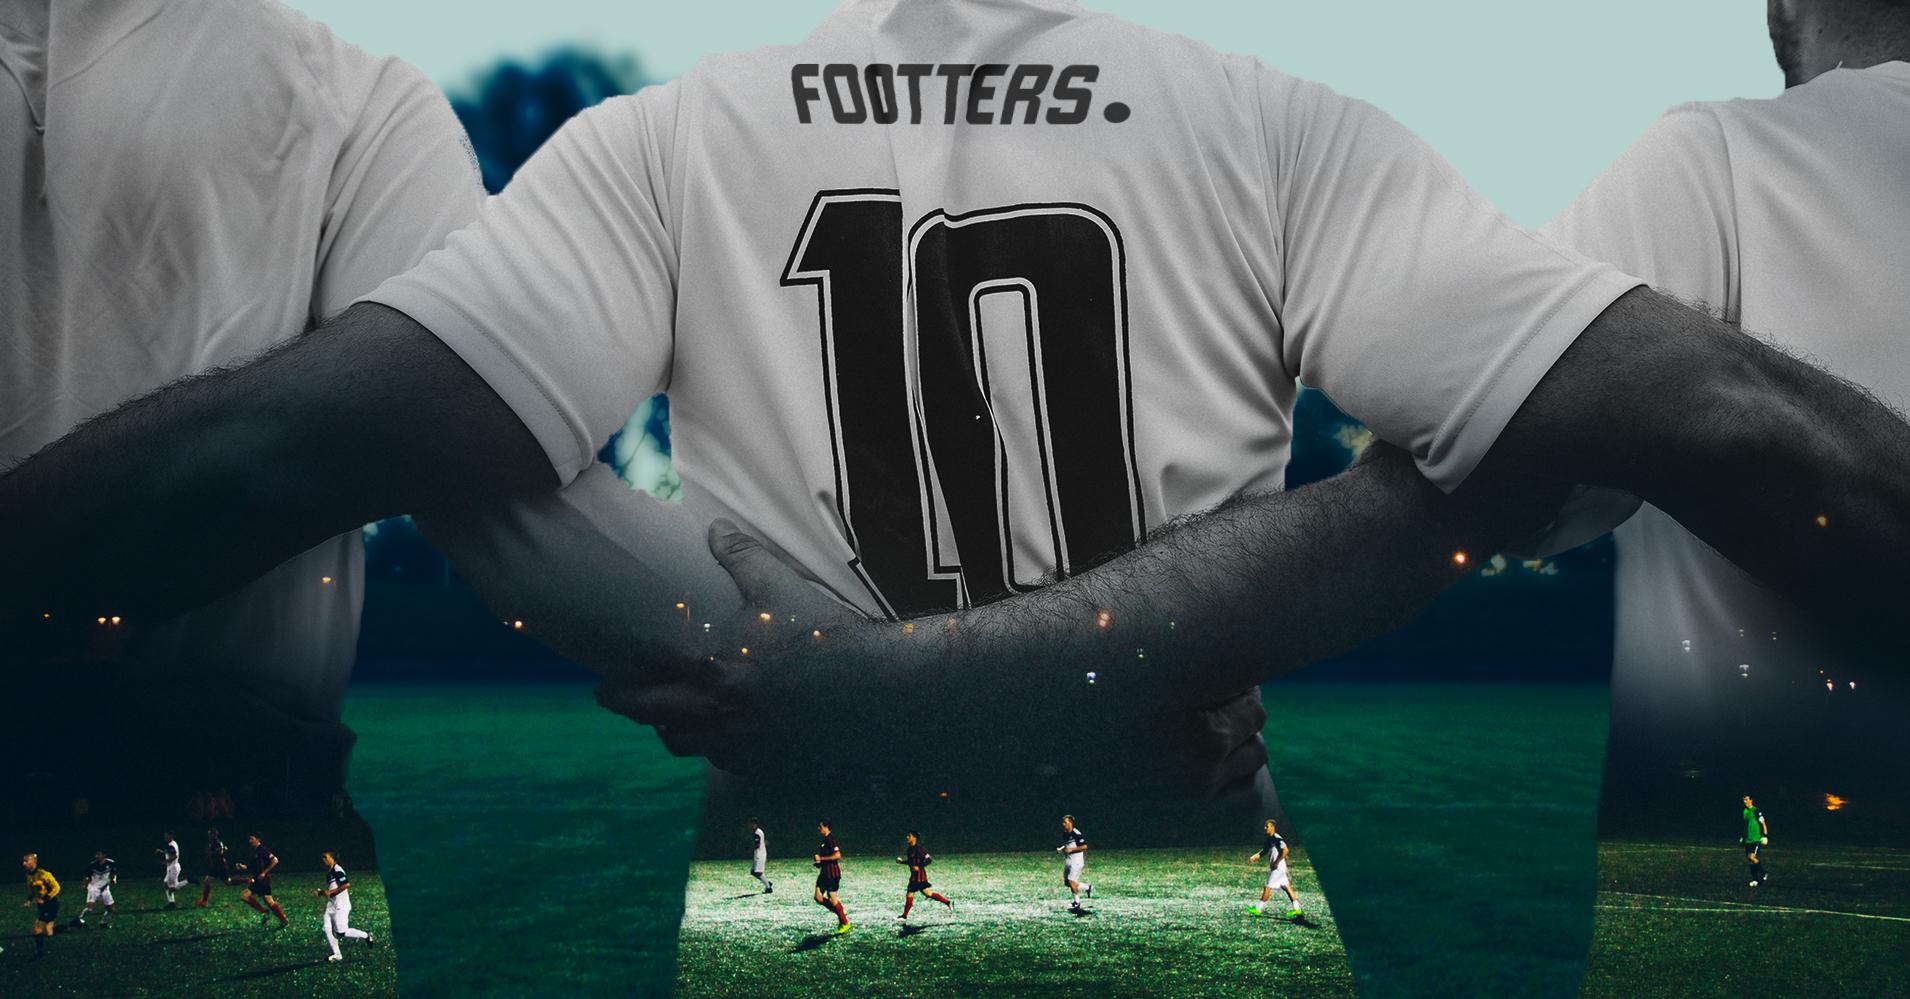 Imagen de Footters